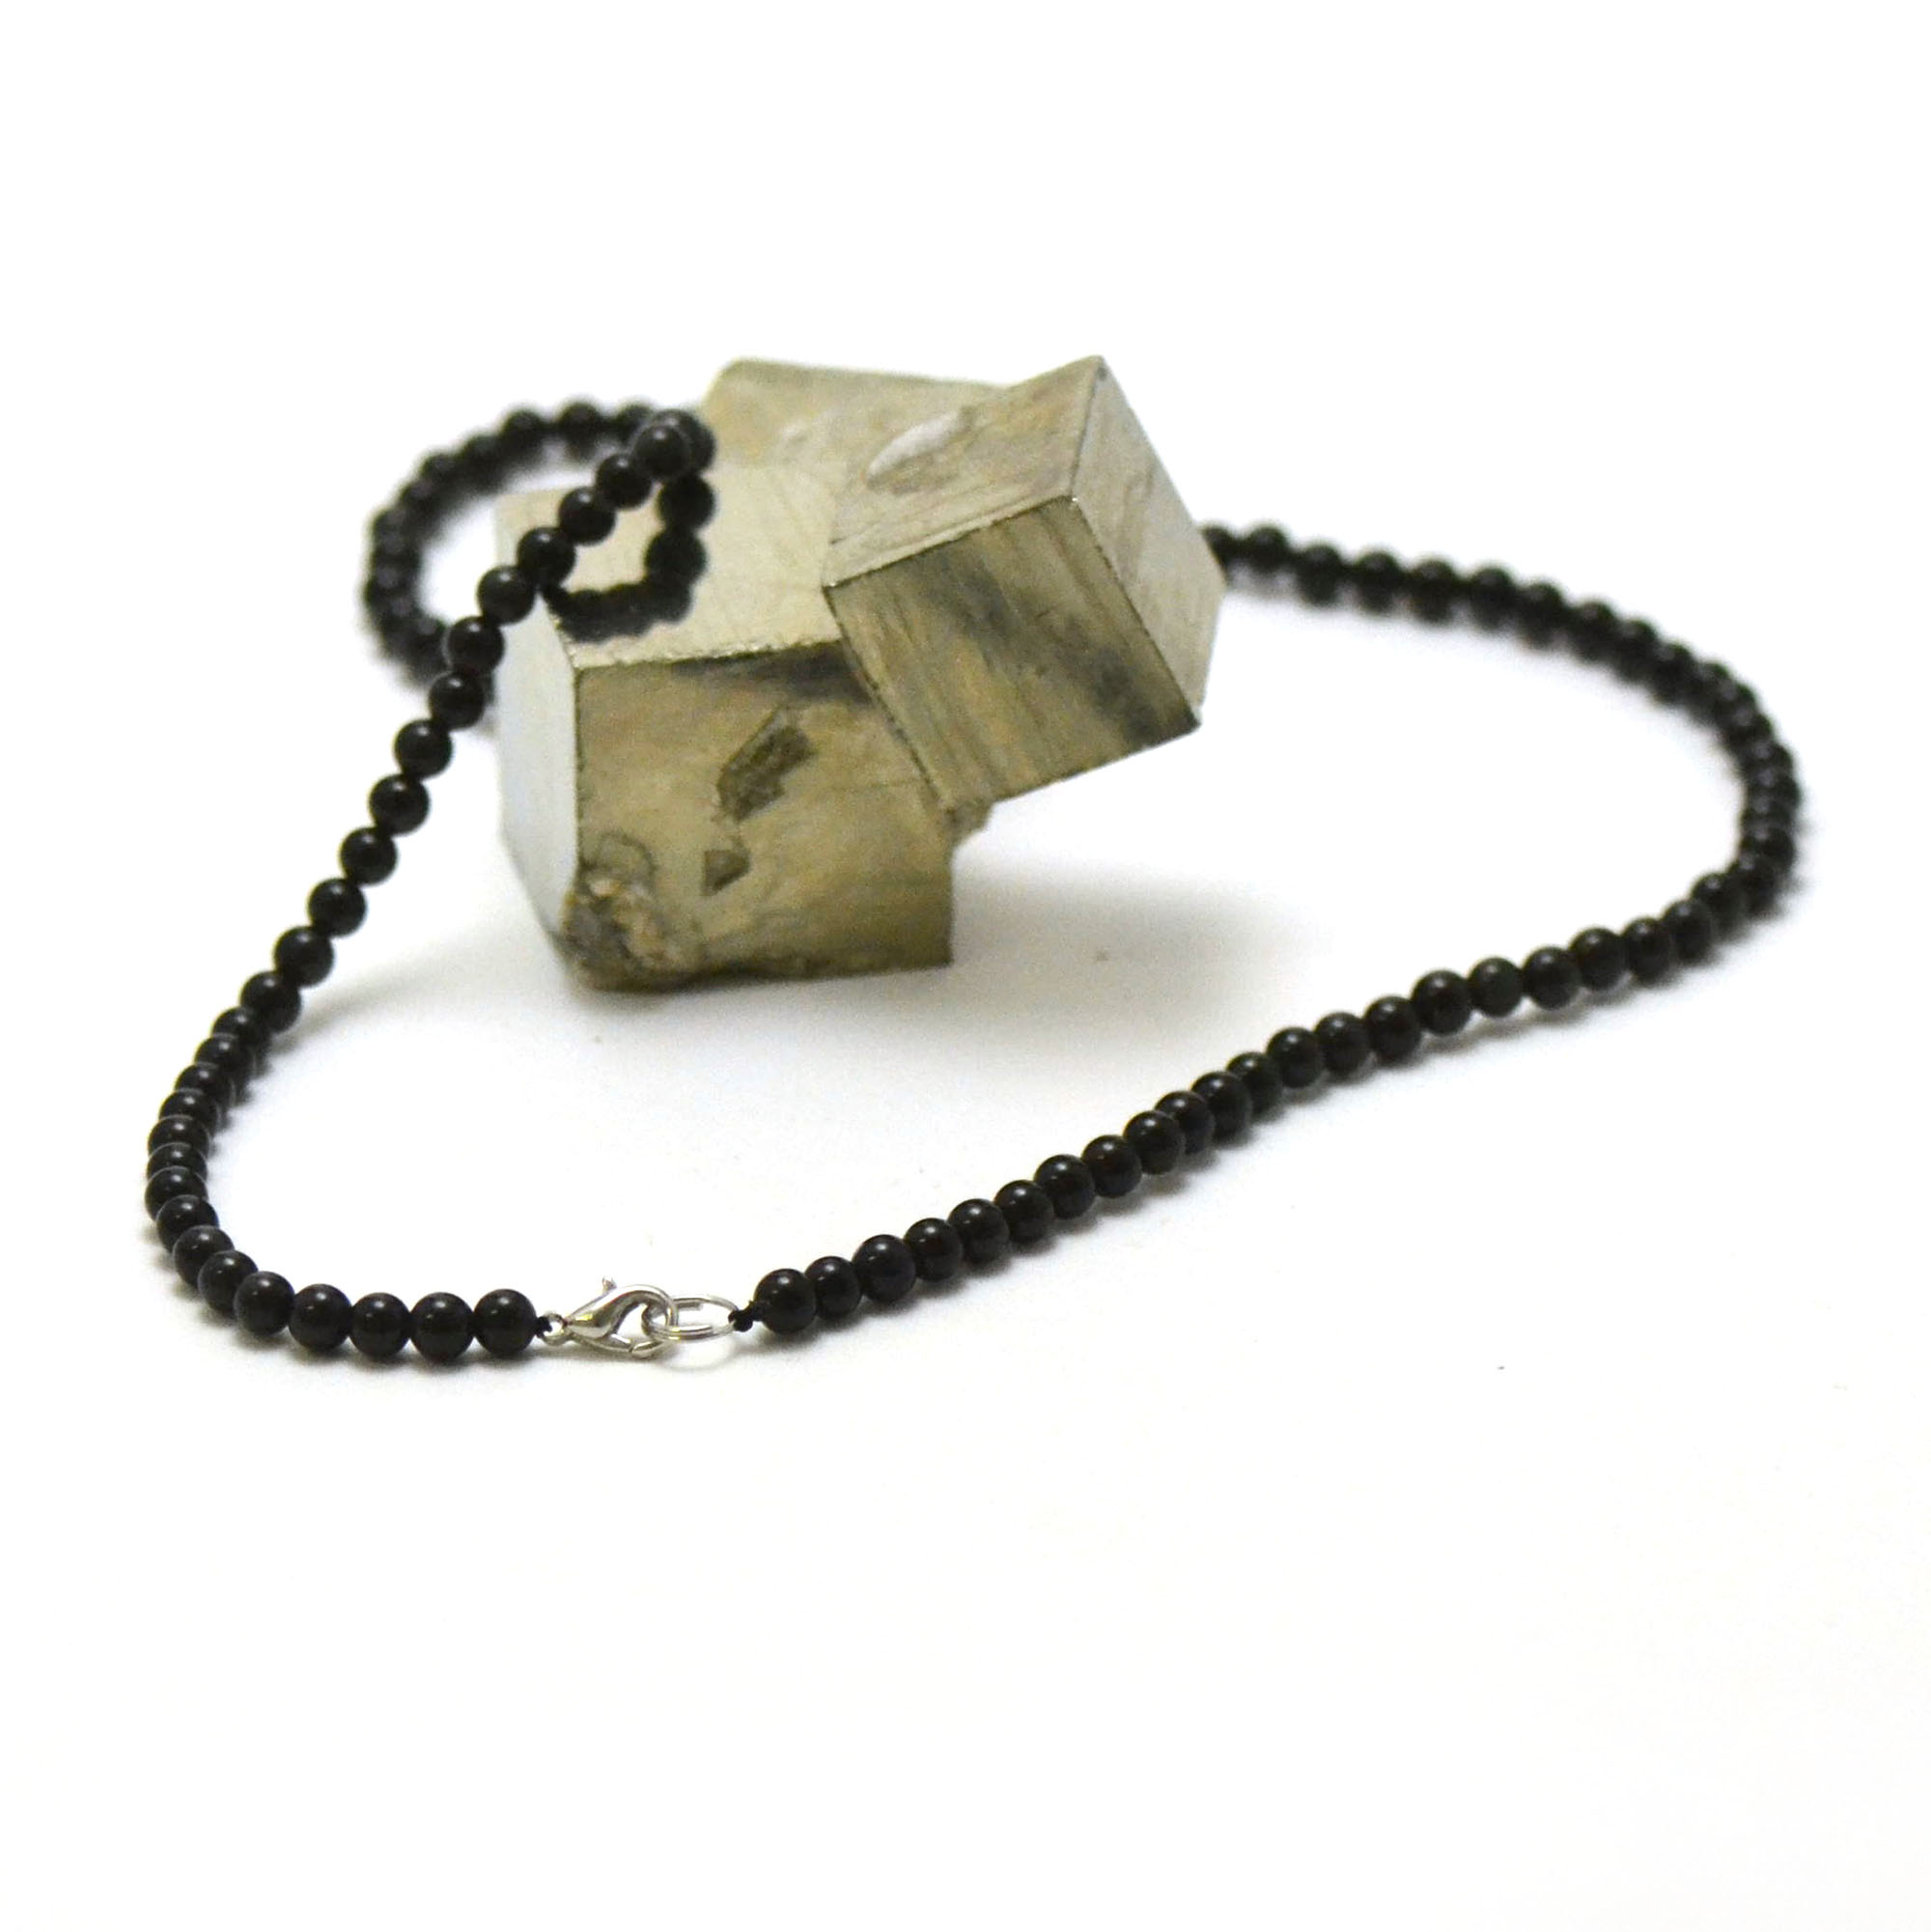 collier en obsidienne noir, perle ronde 4 mm